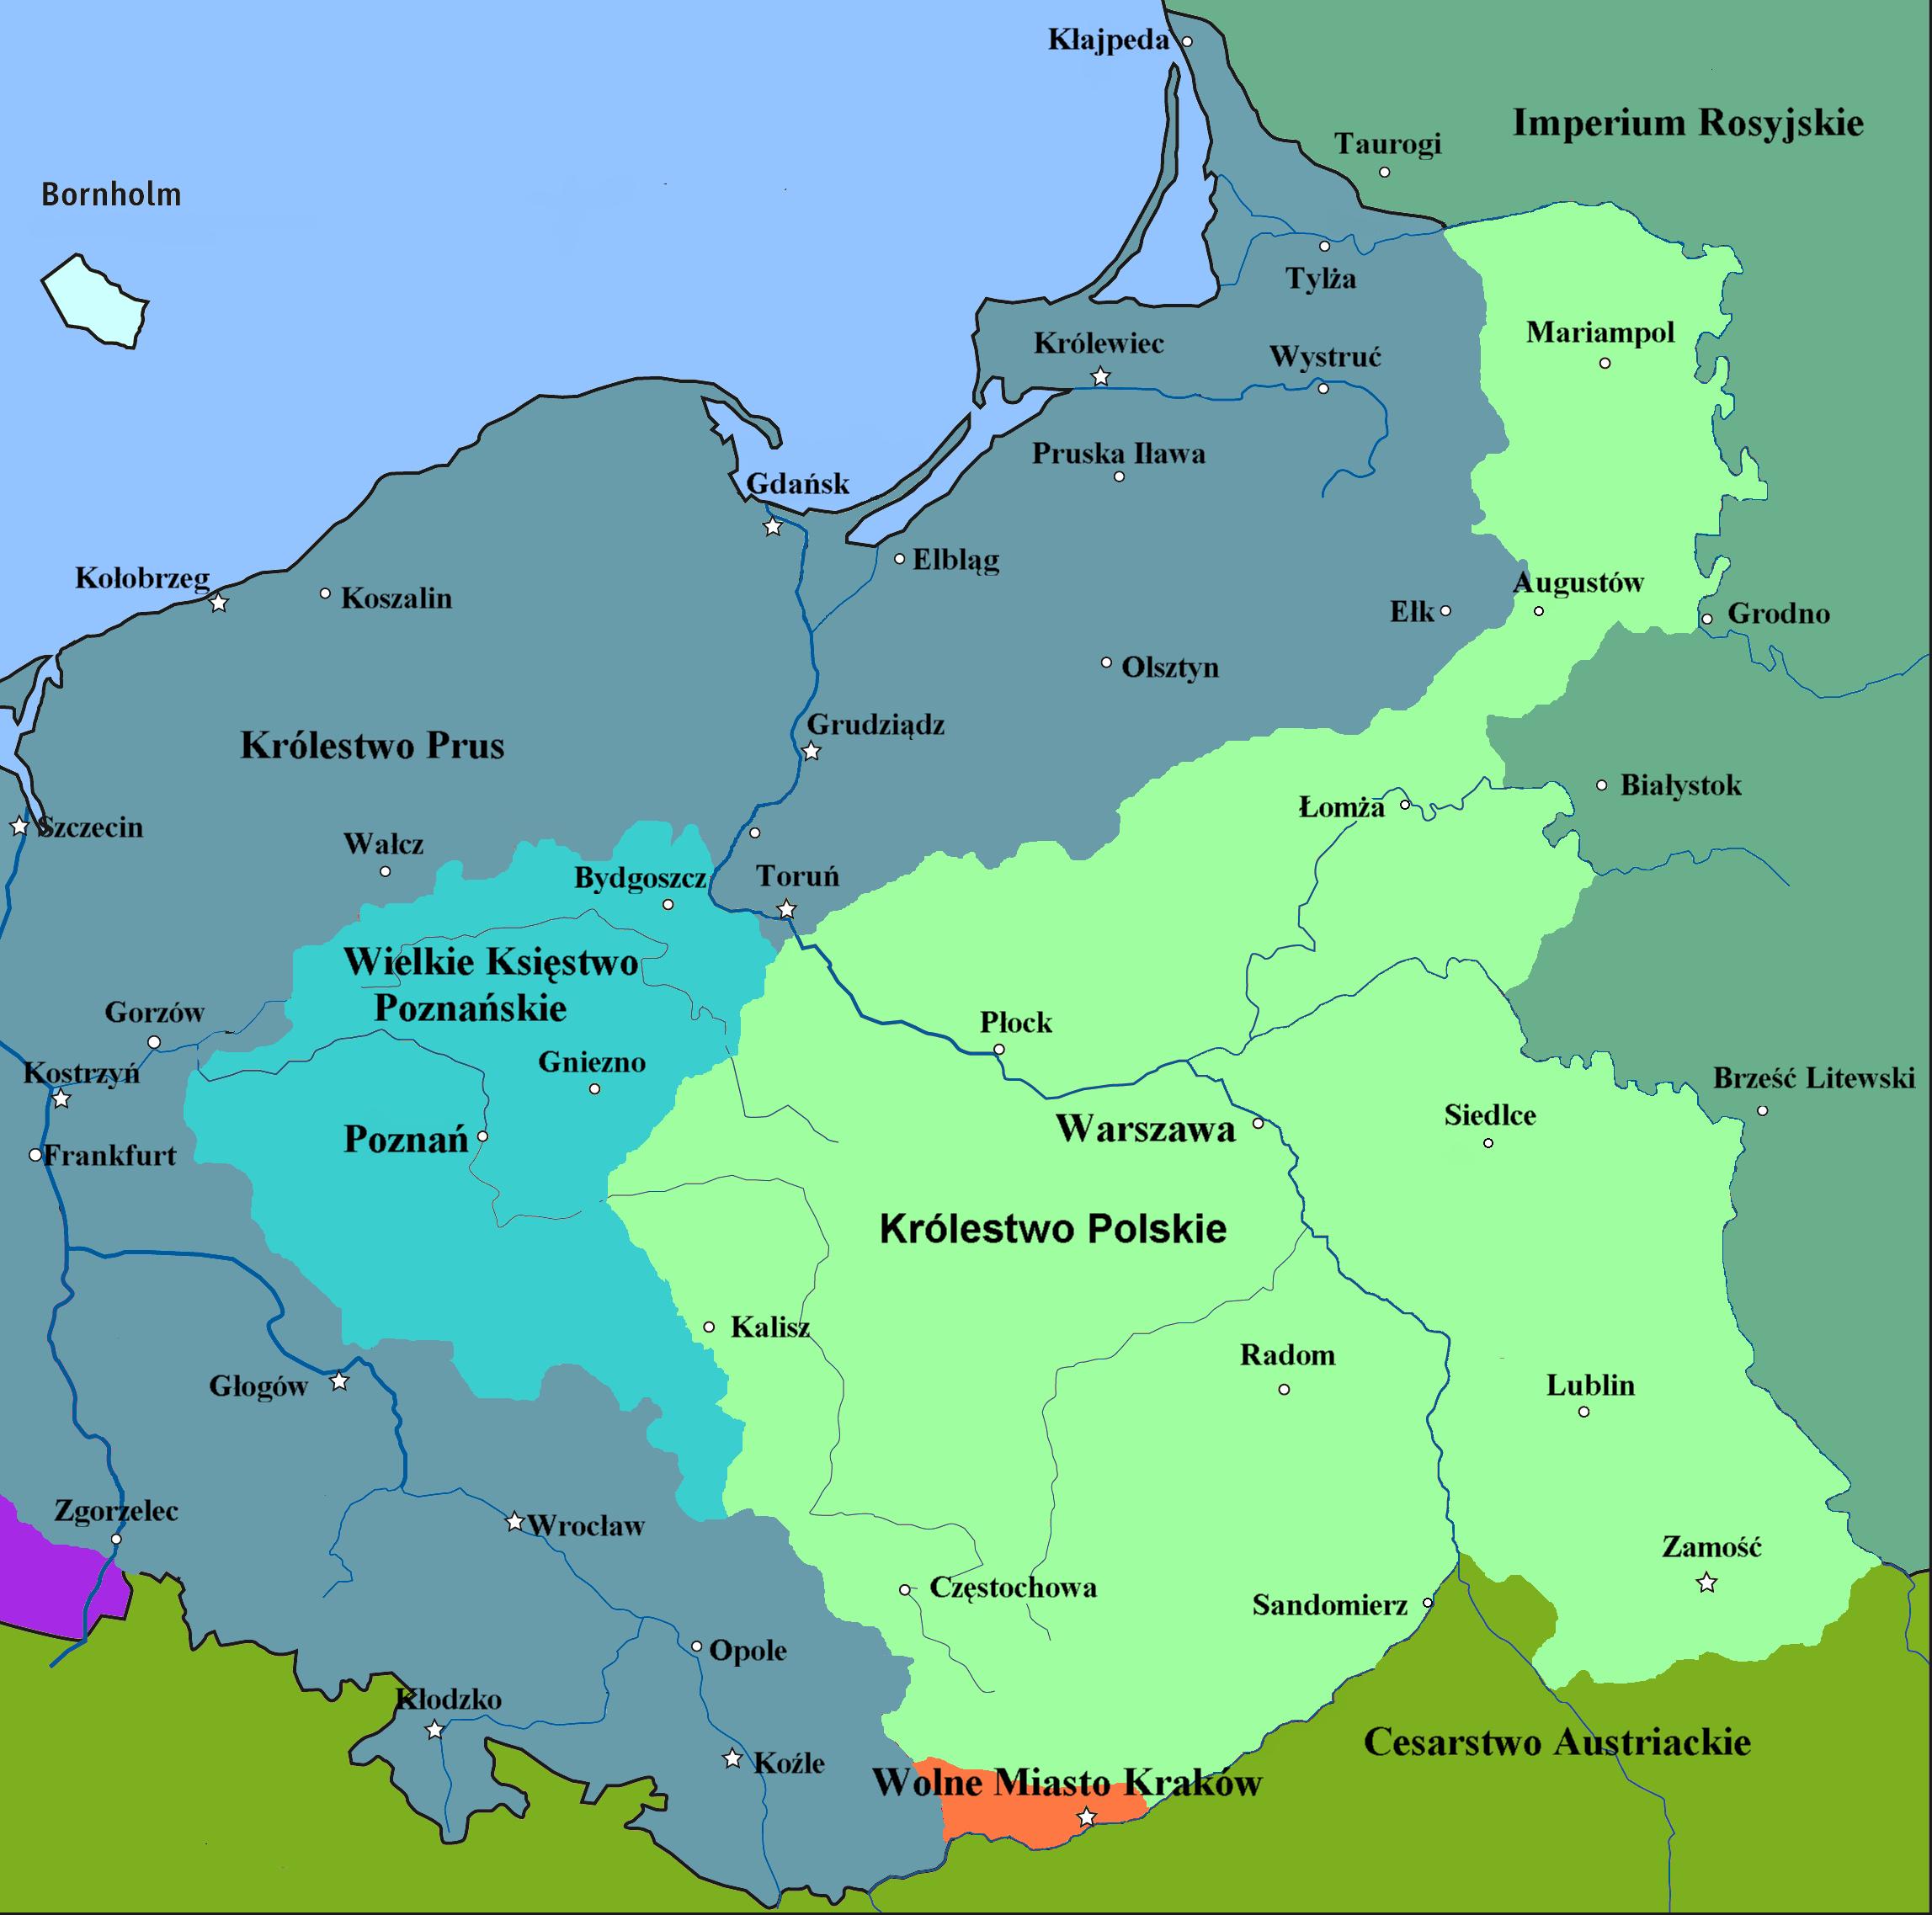 20 czerwca 1815 proklamowano utworzenie Królestwa Polskiego